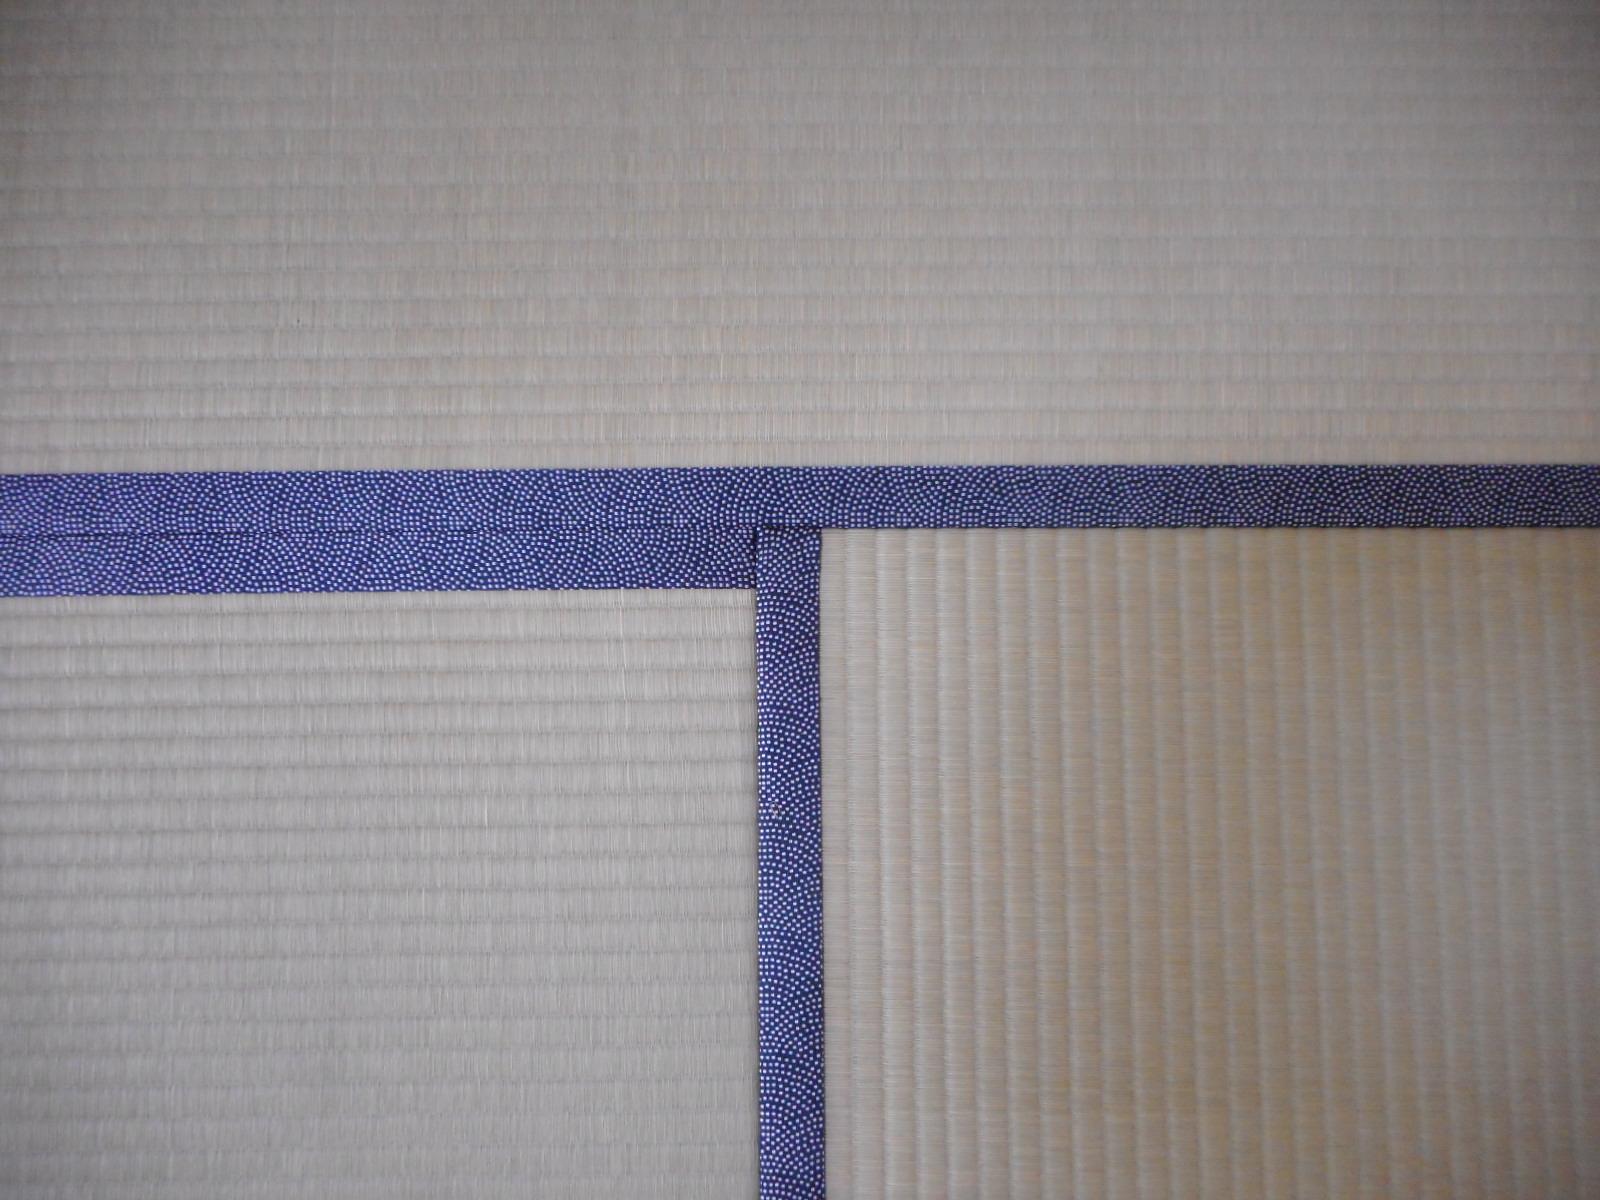 日野市E様、特上畳おもてと素敵な鮫小紋柄の畳縁をご注文下さった時の施工写真